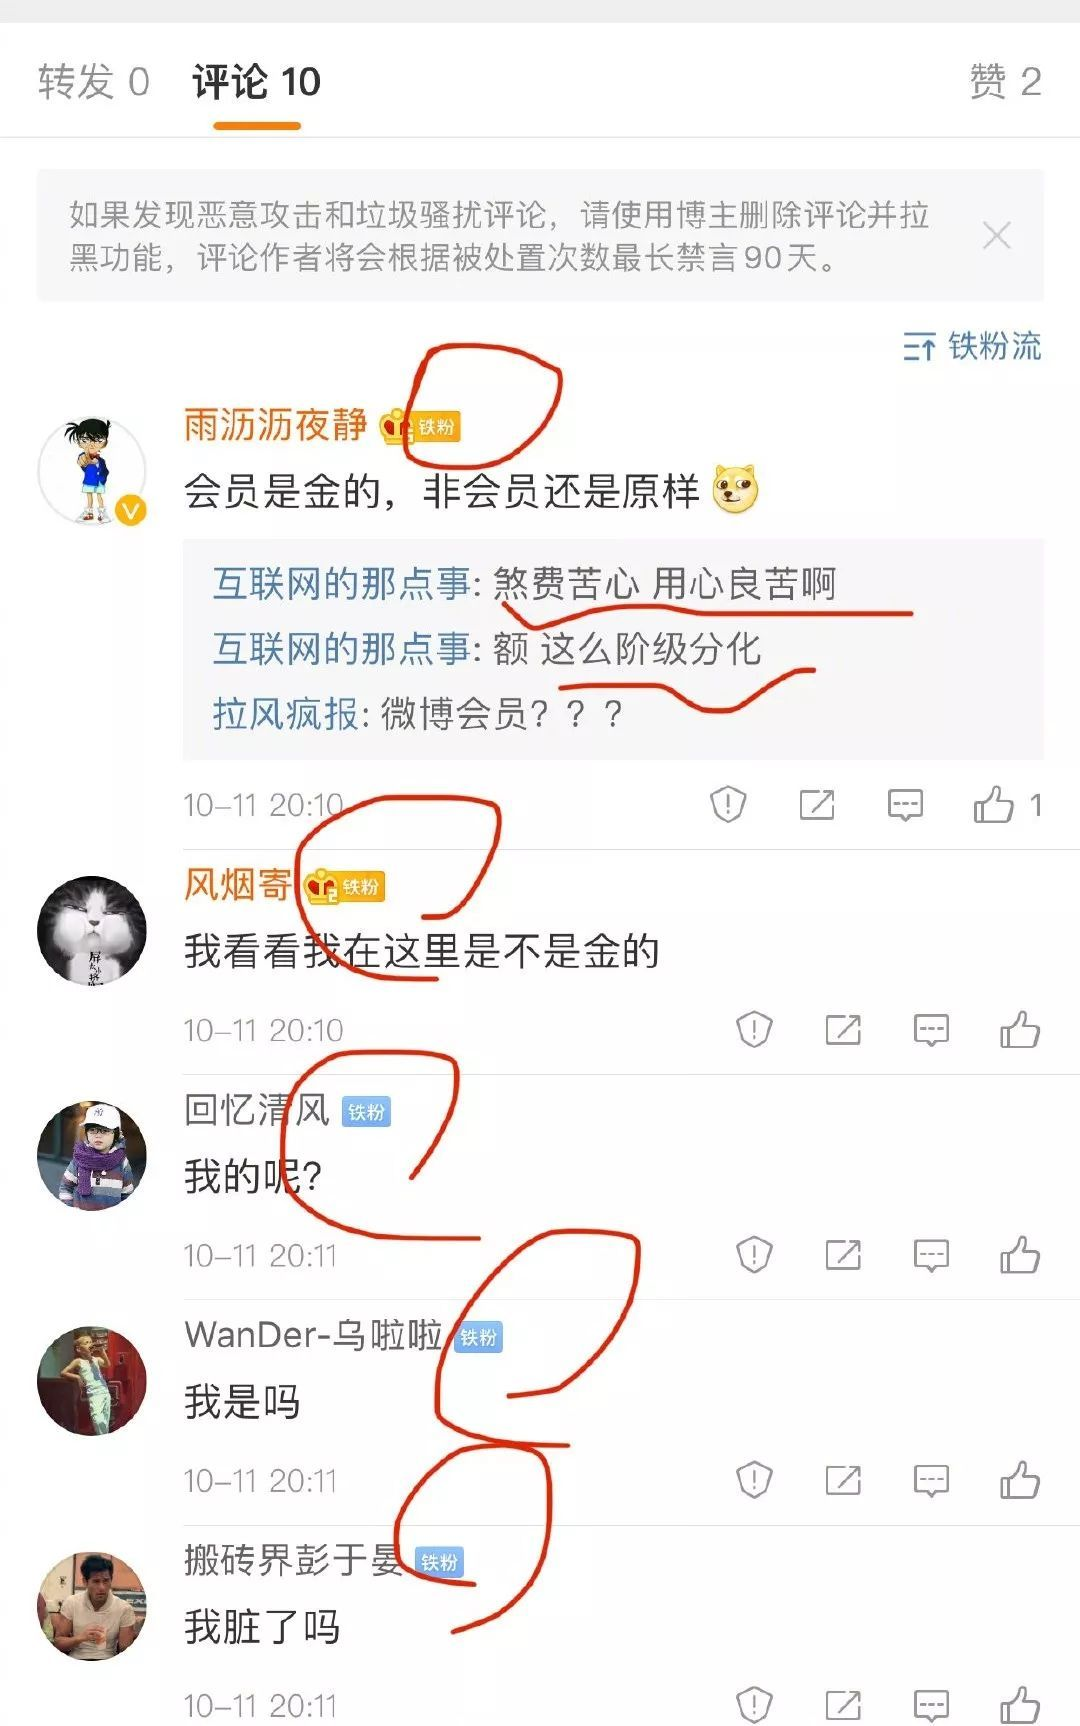 丁磊回应5G和人工智能虚火:不能